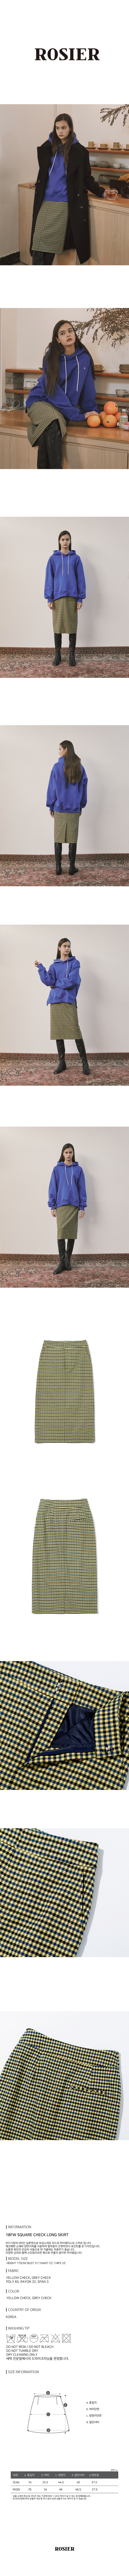 로지에(ROSIER) 18fw square check long skirt yellow check